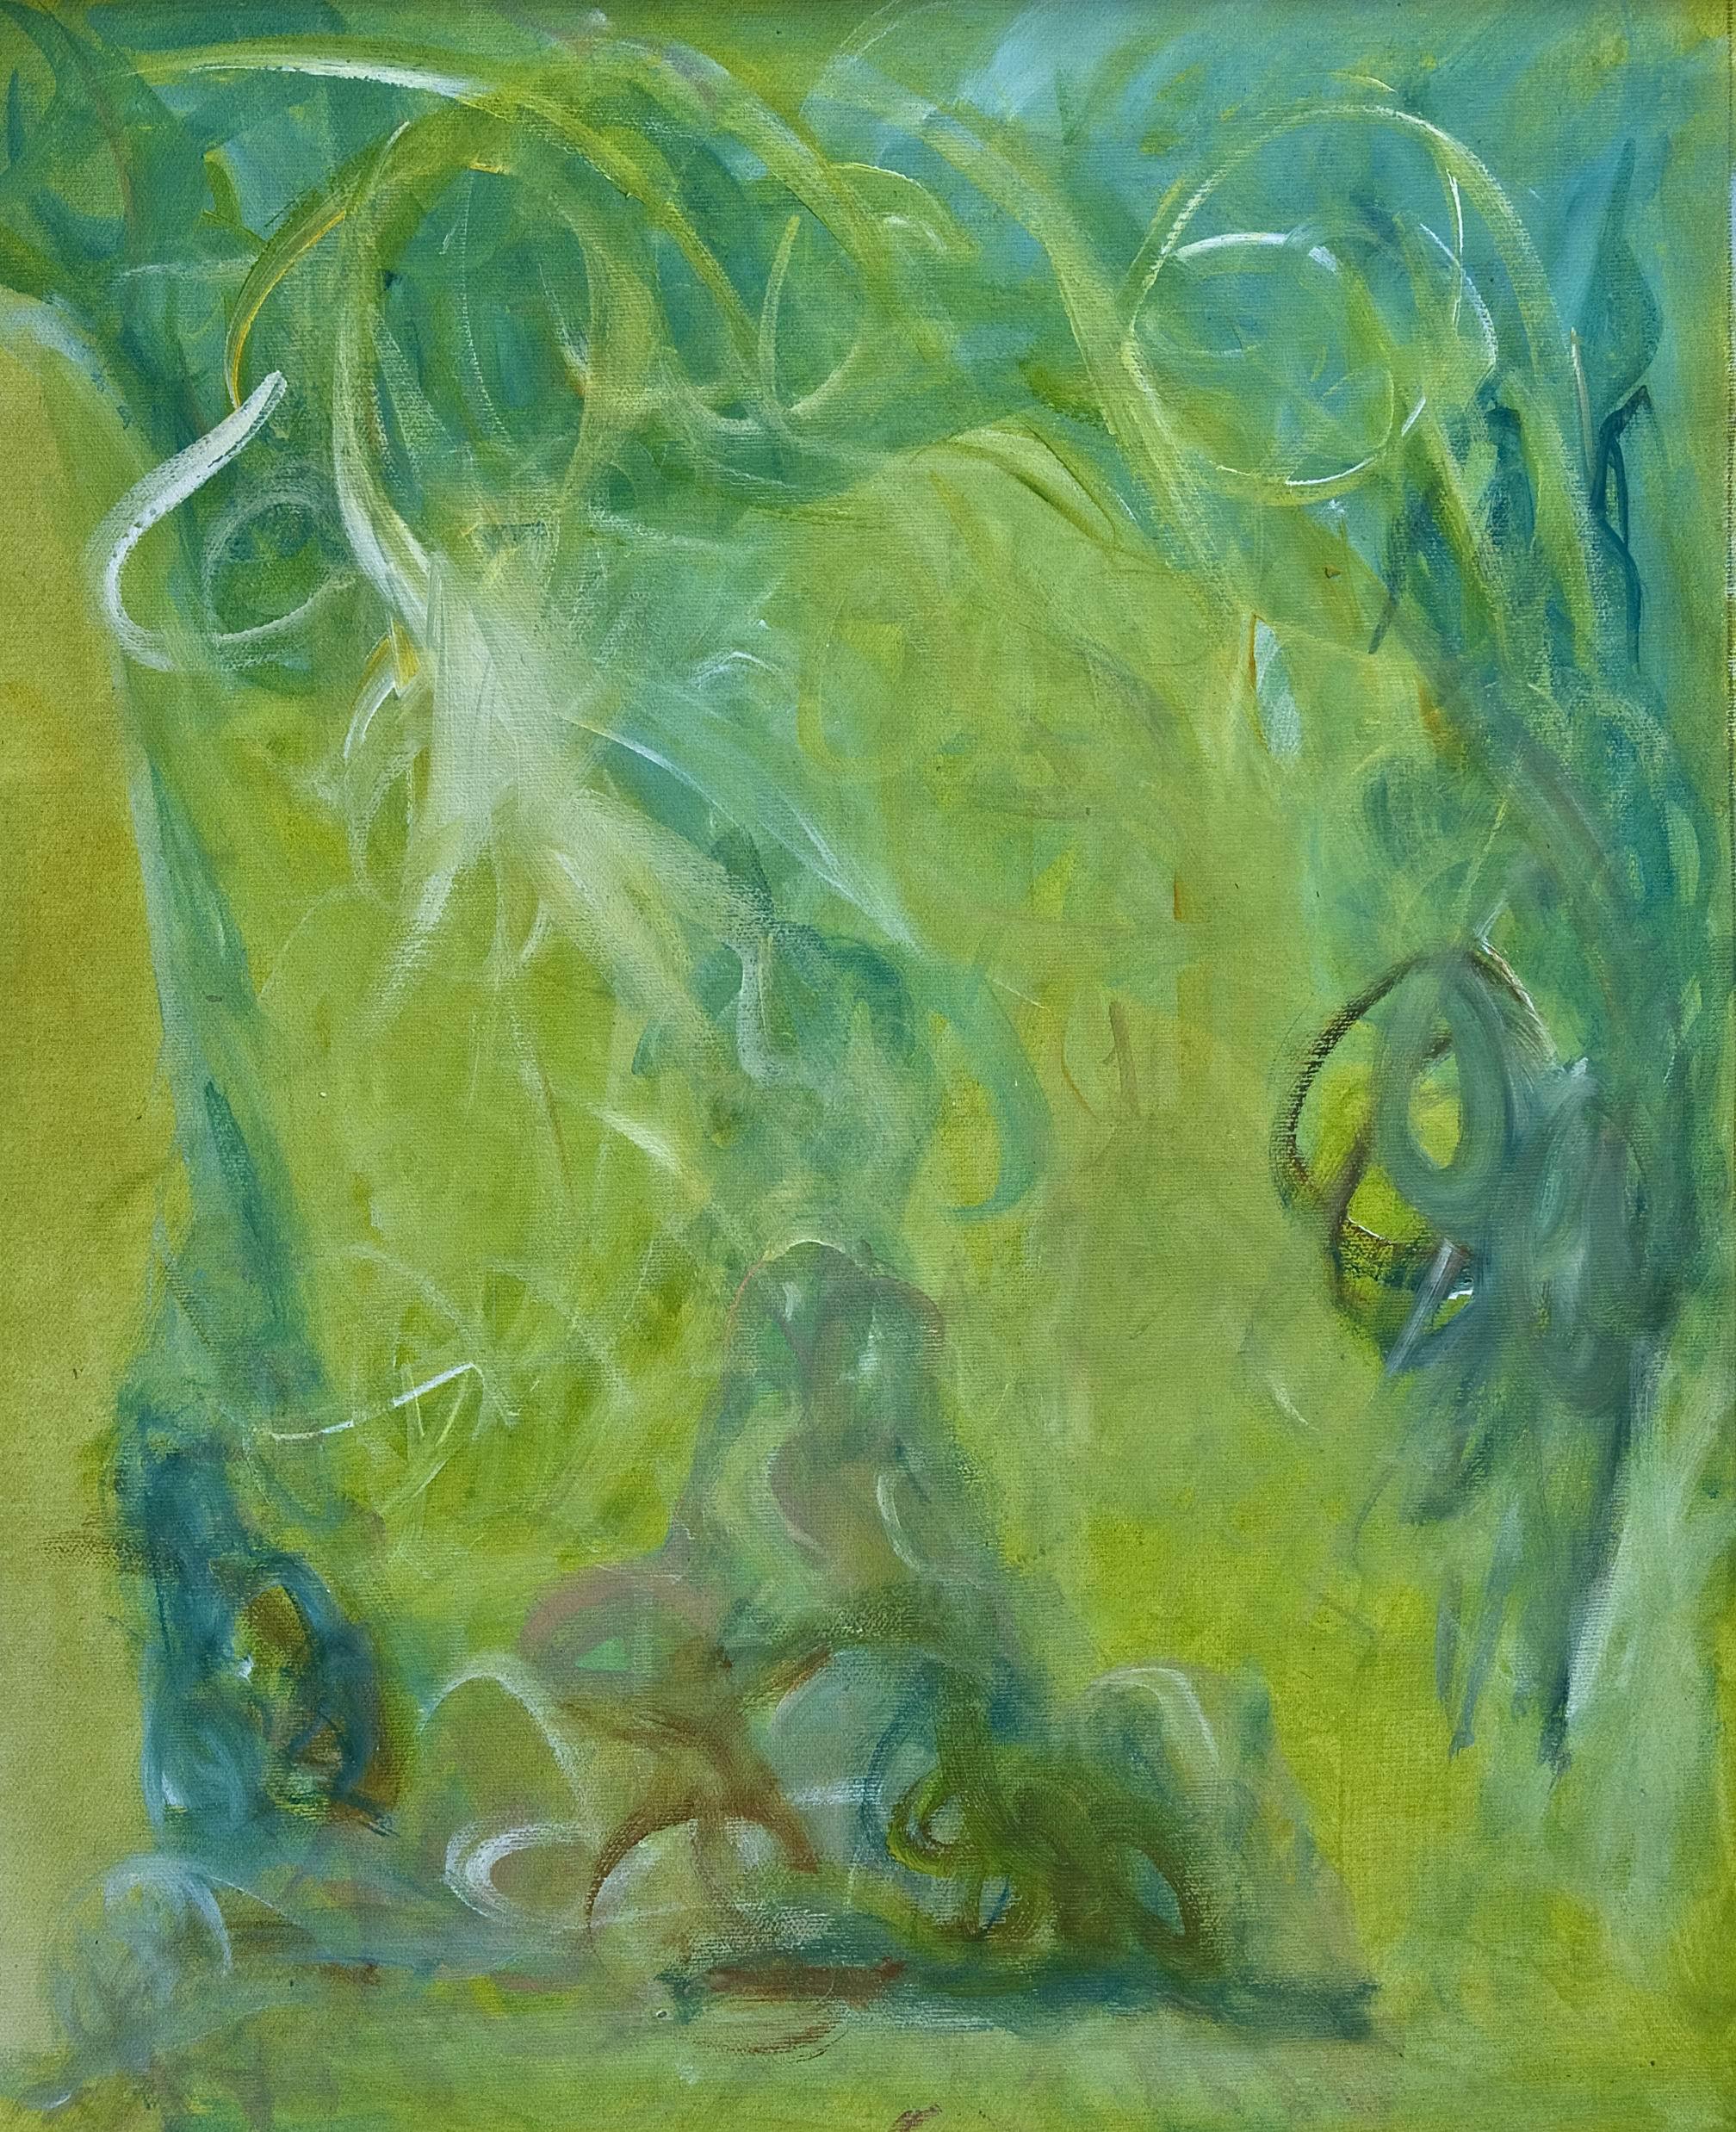 """GIANFRANCO TOGNARELLI, """"FORESTA MAGICA"""", 2009, ACRILICO SU TELA INCOLLATA SU TAVOLA, cm.50x40"""